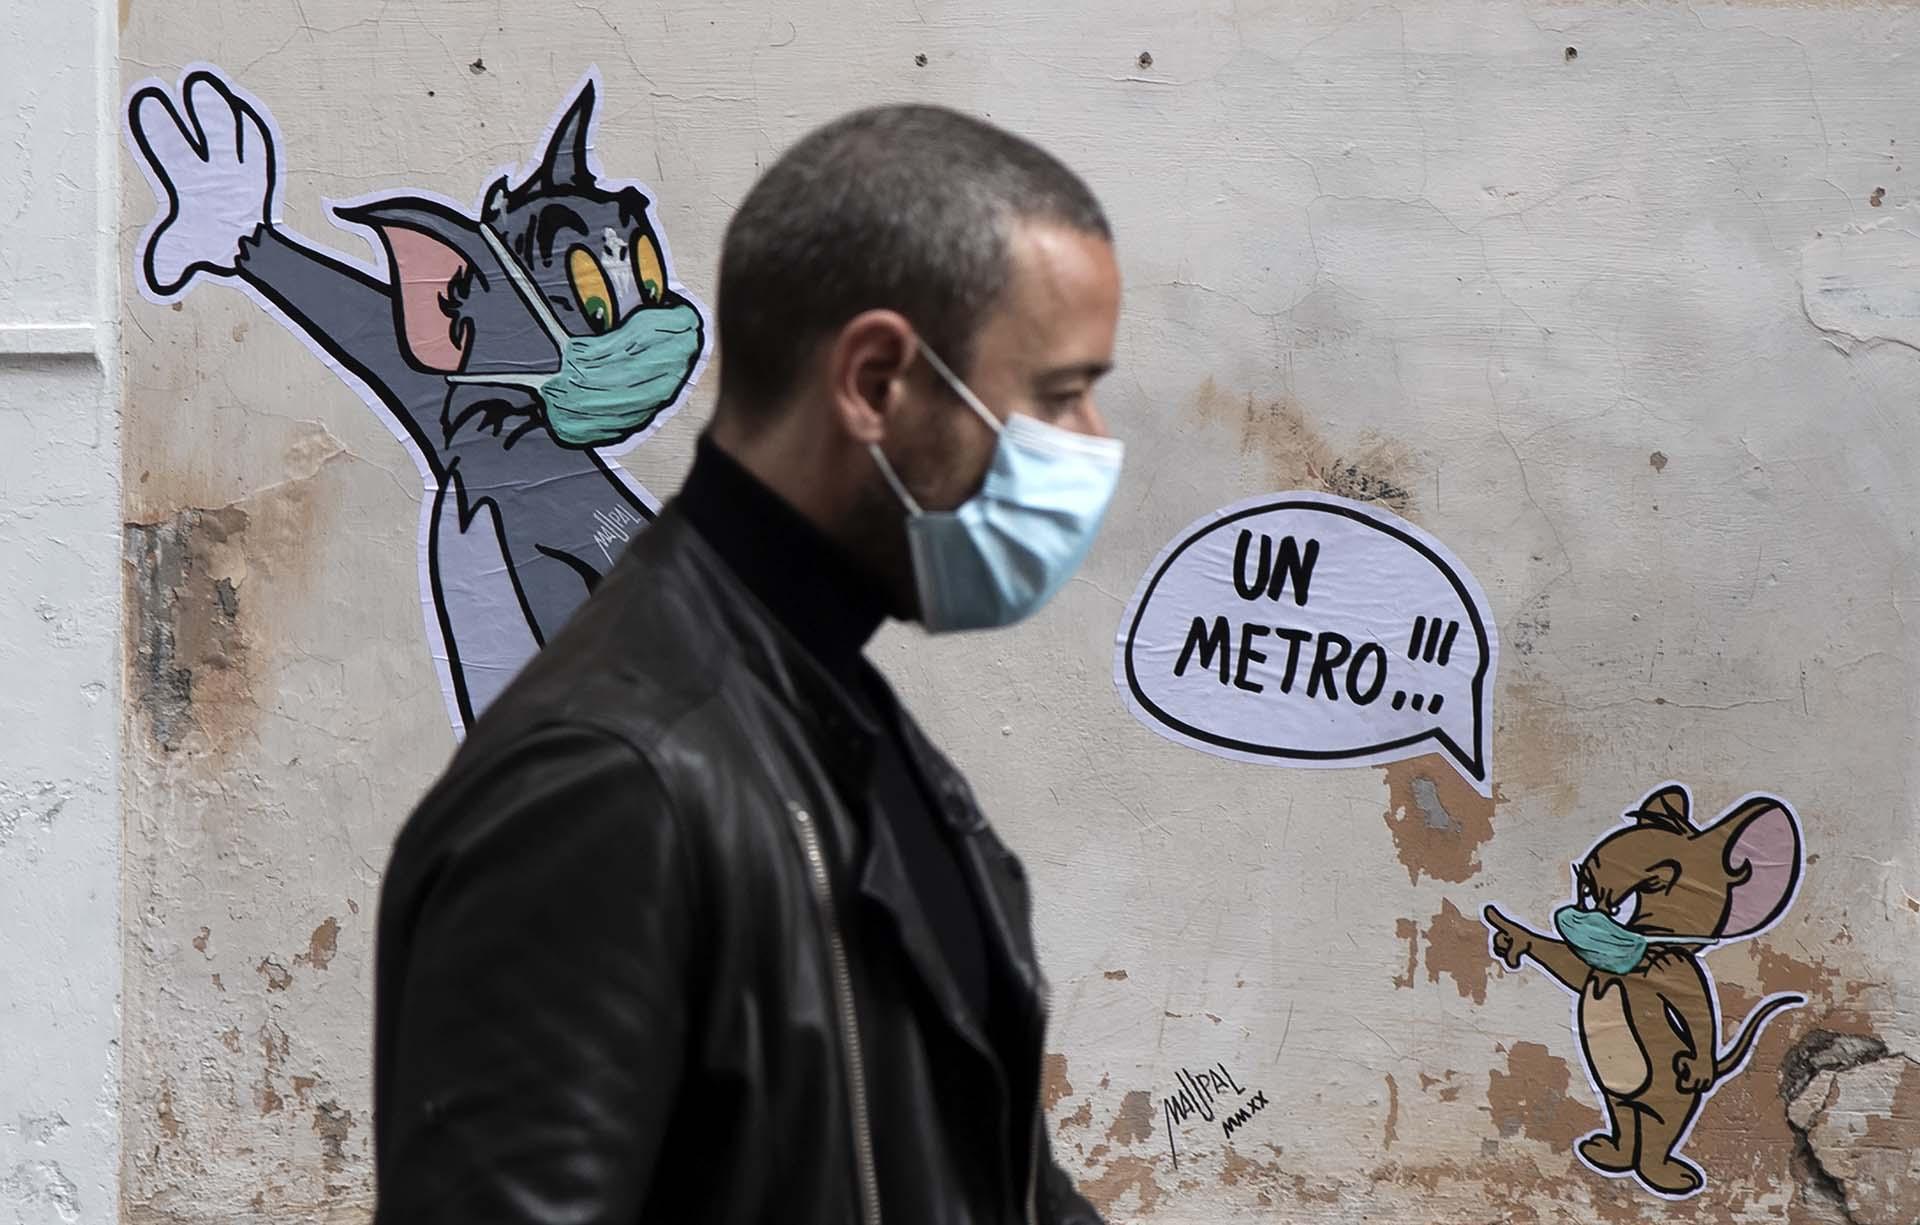 Un hombre pasa frente a un mural del artista Maupal que homenajea a los legendarios Tom y Jerry en una calle de Roma.